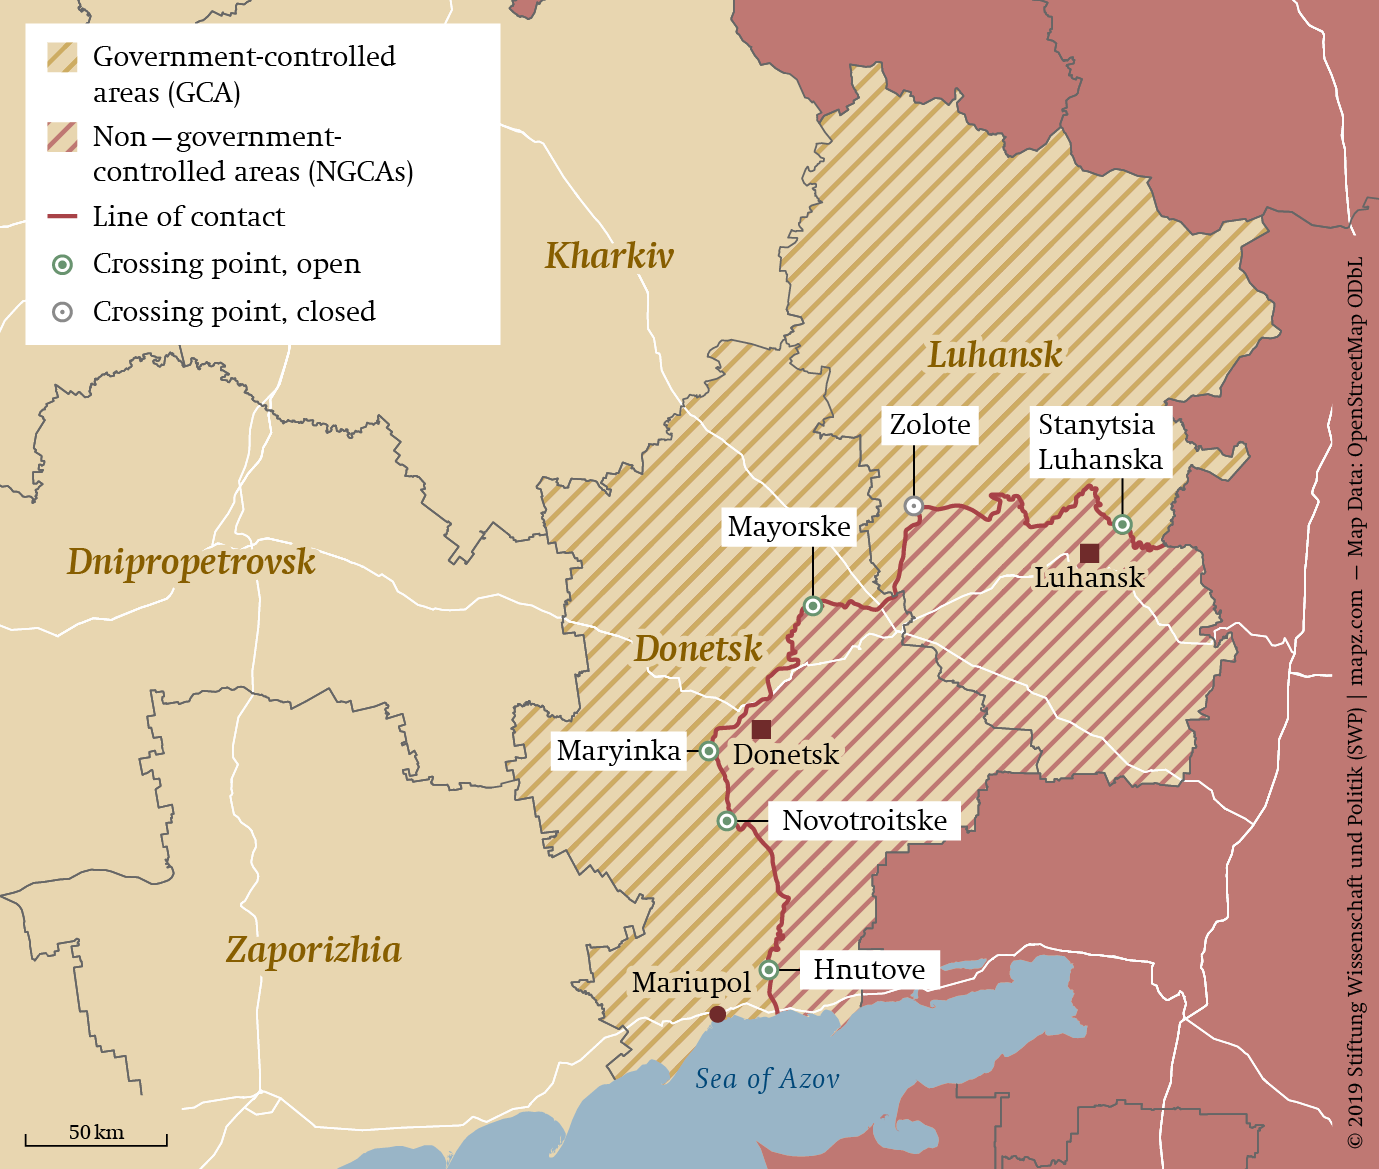 Região do conflito separatista do Donbass